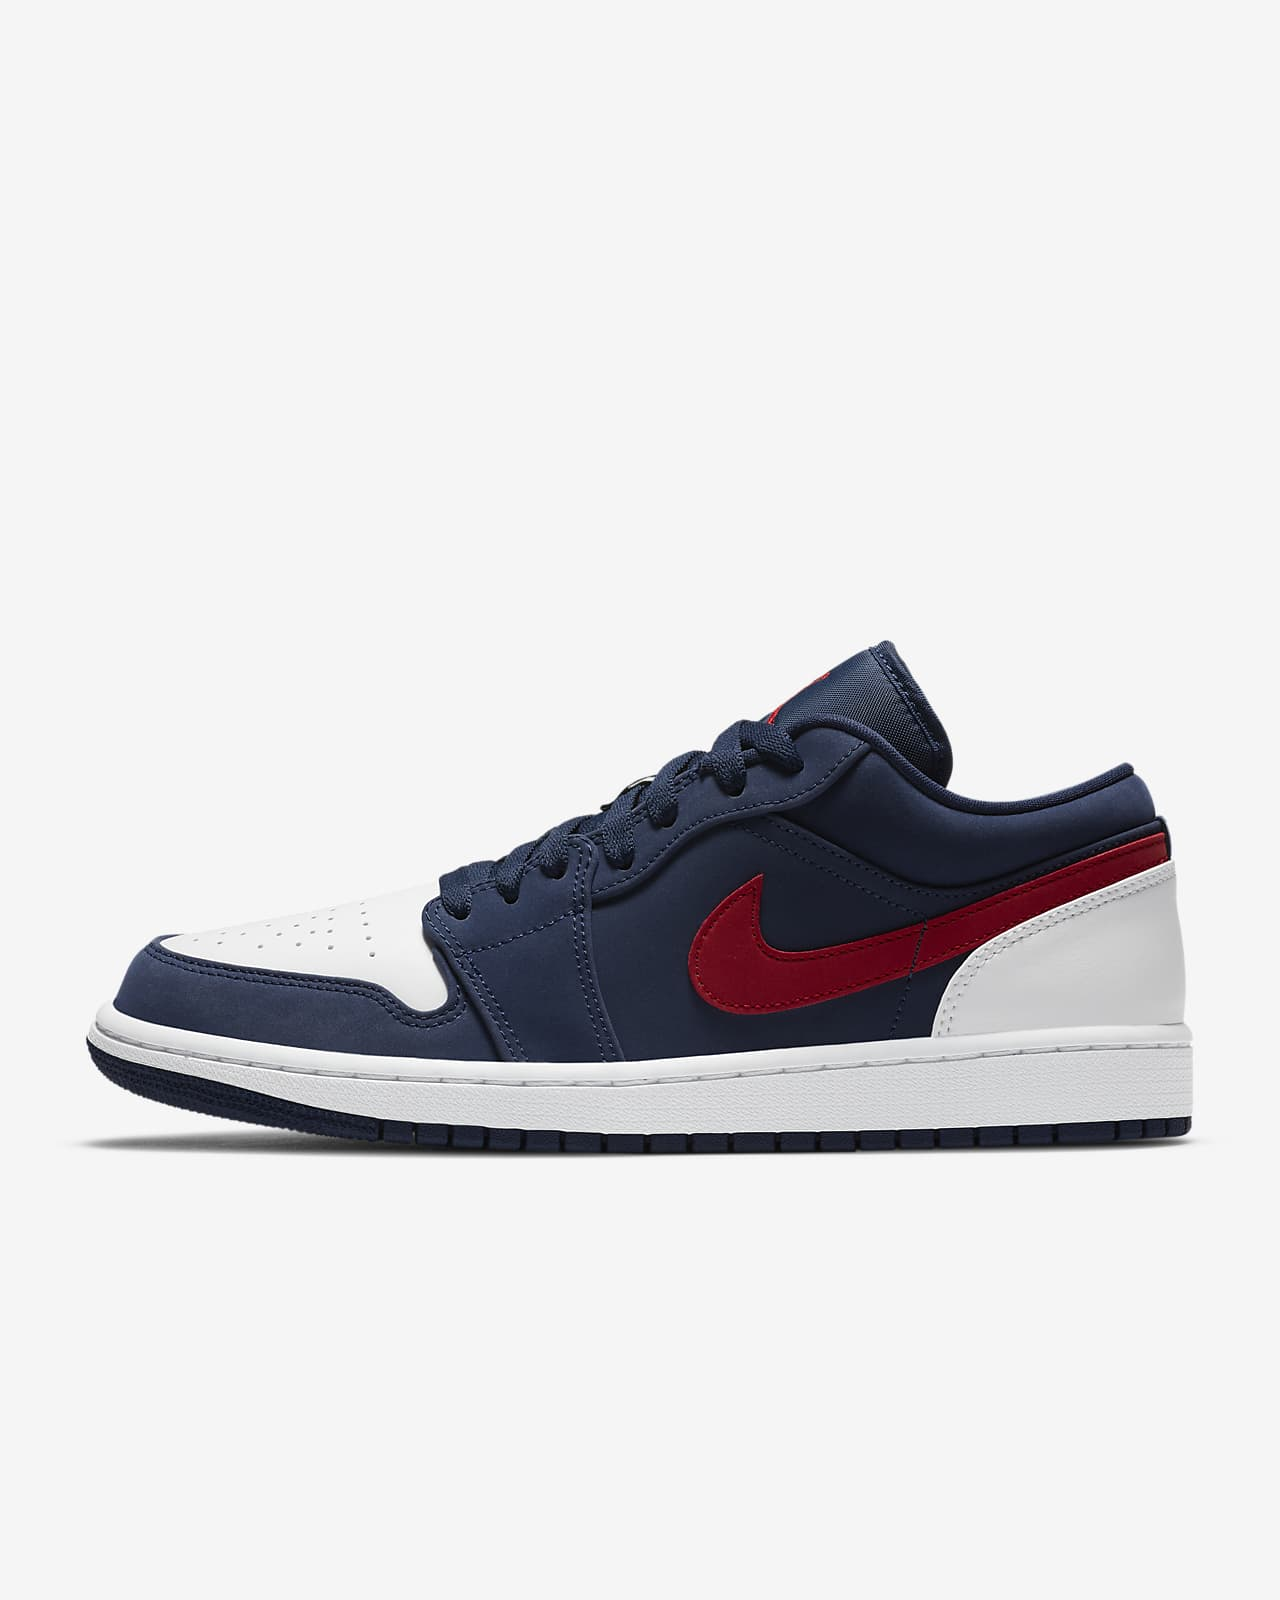 Air Jordan 1 Low SE Men's Shoe